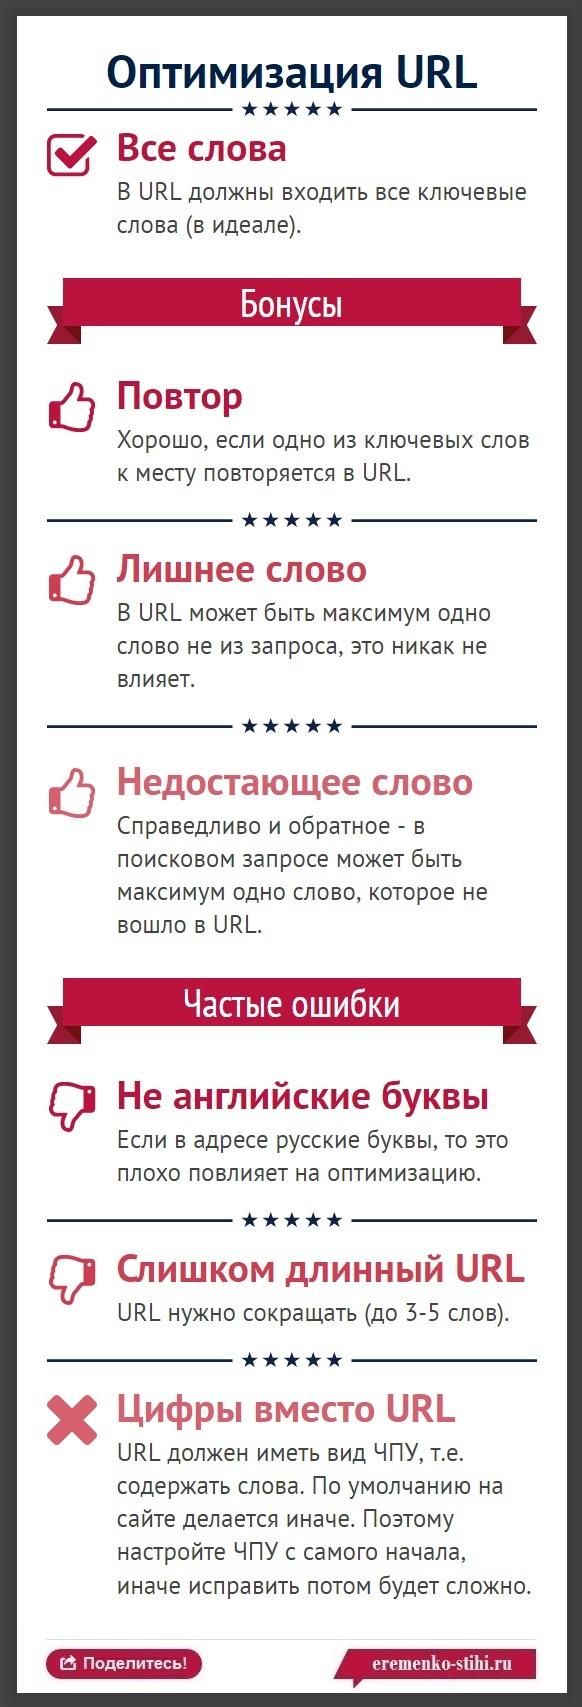 247 Как SEO-оптимизировать URL - инфографика